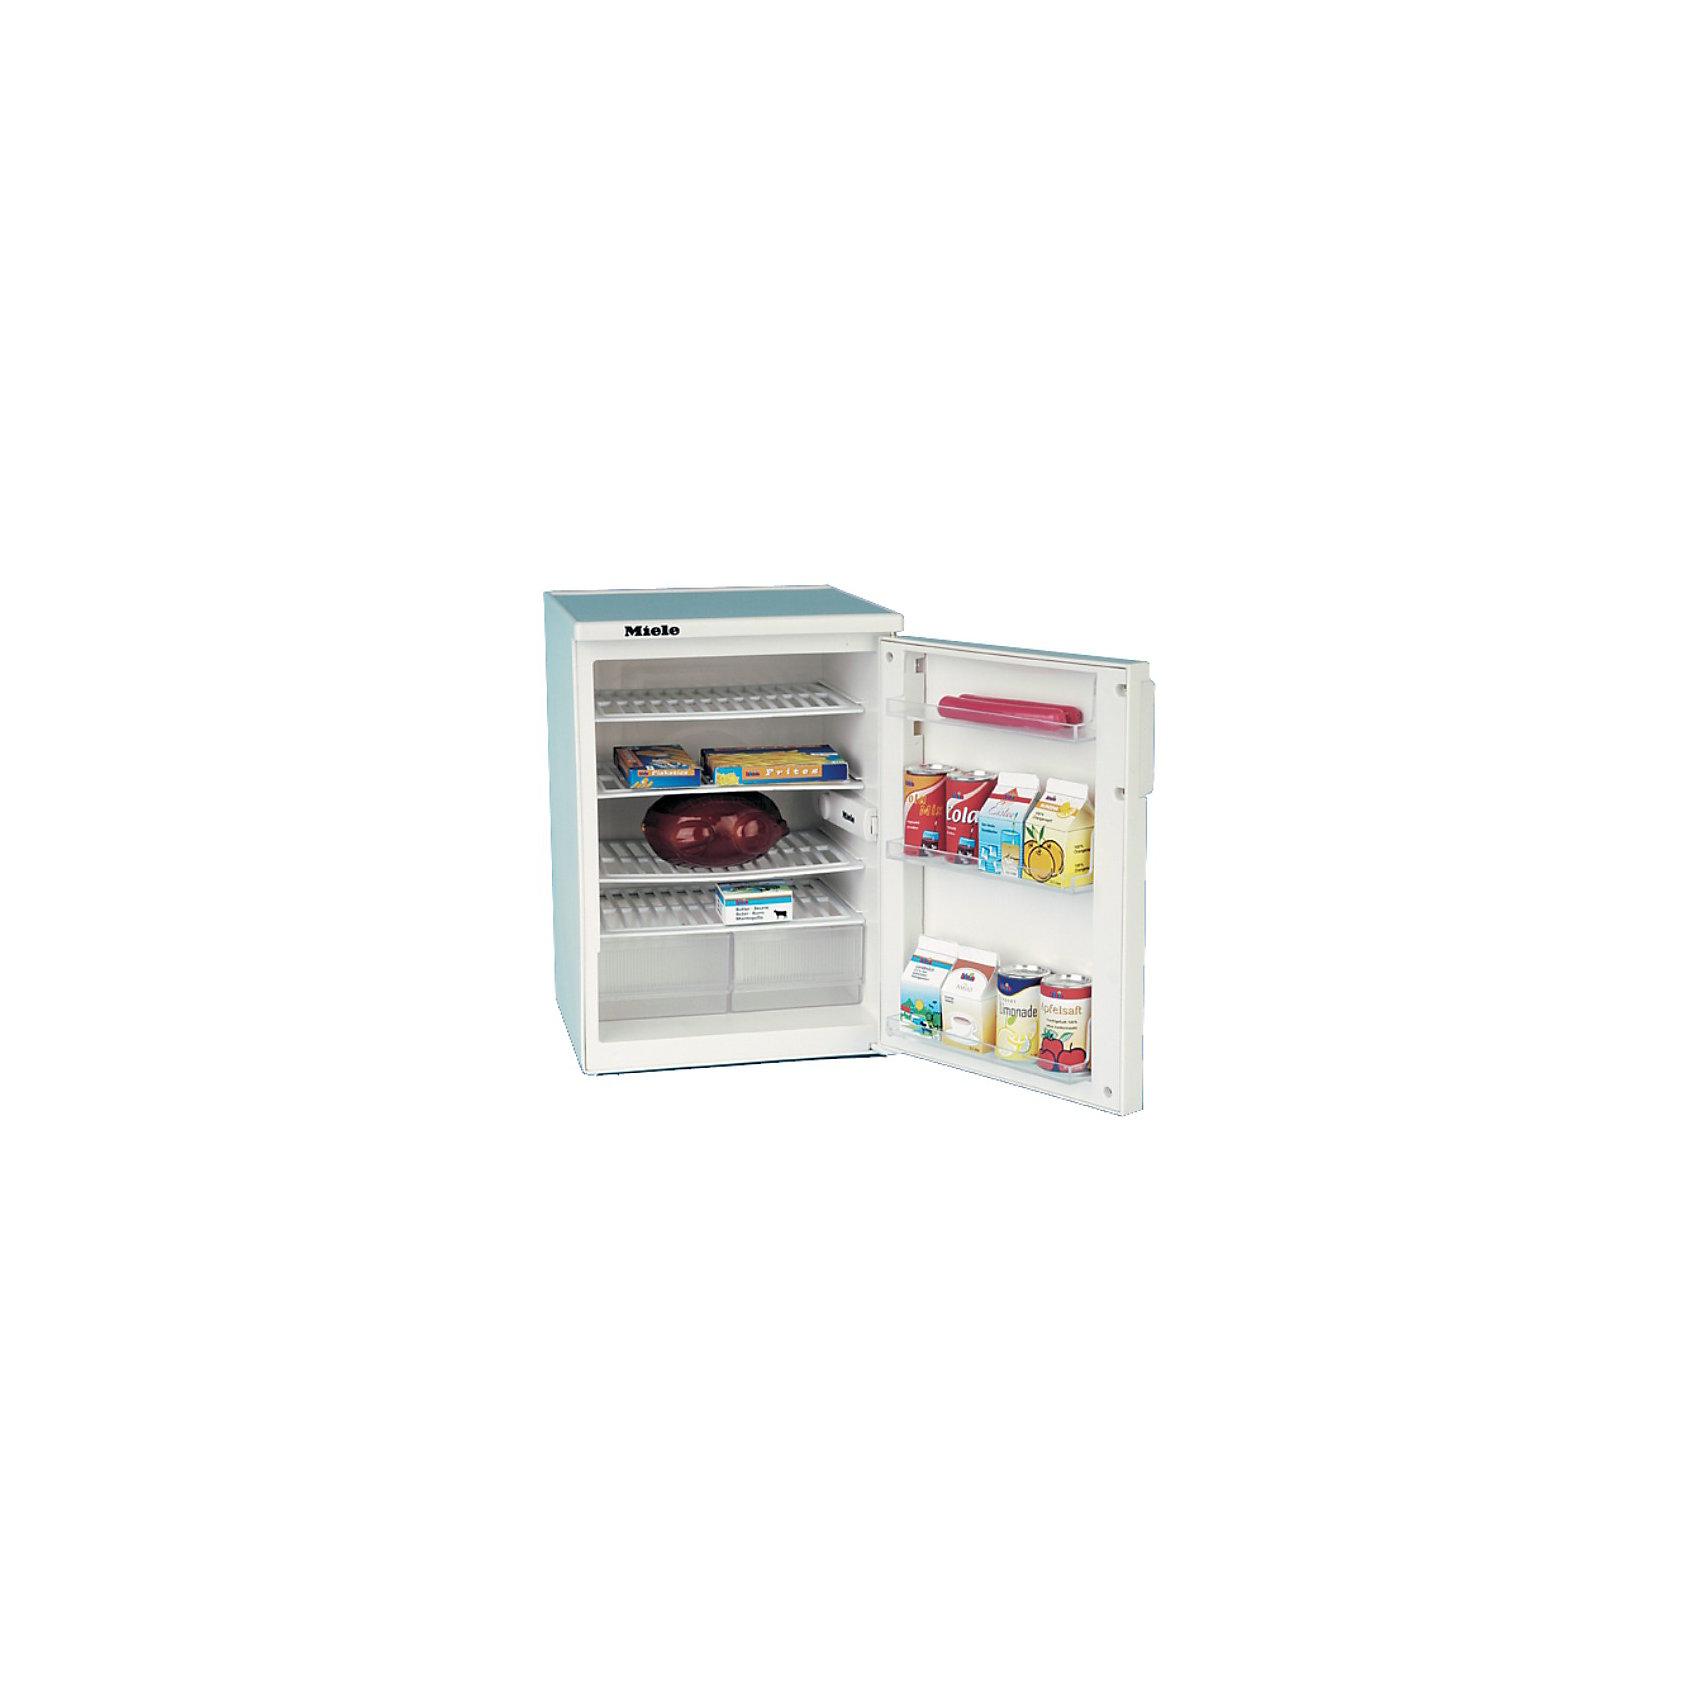 klein klein Холодильник Miele игрушечный холодильник